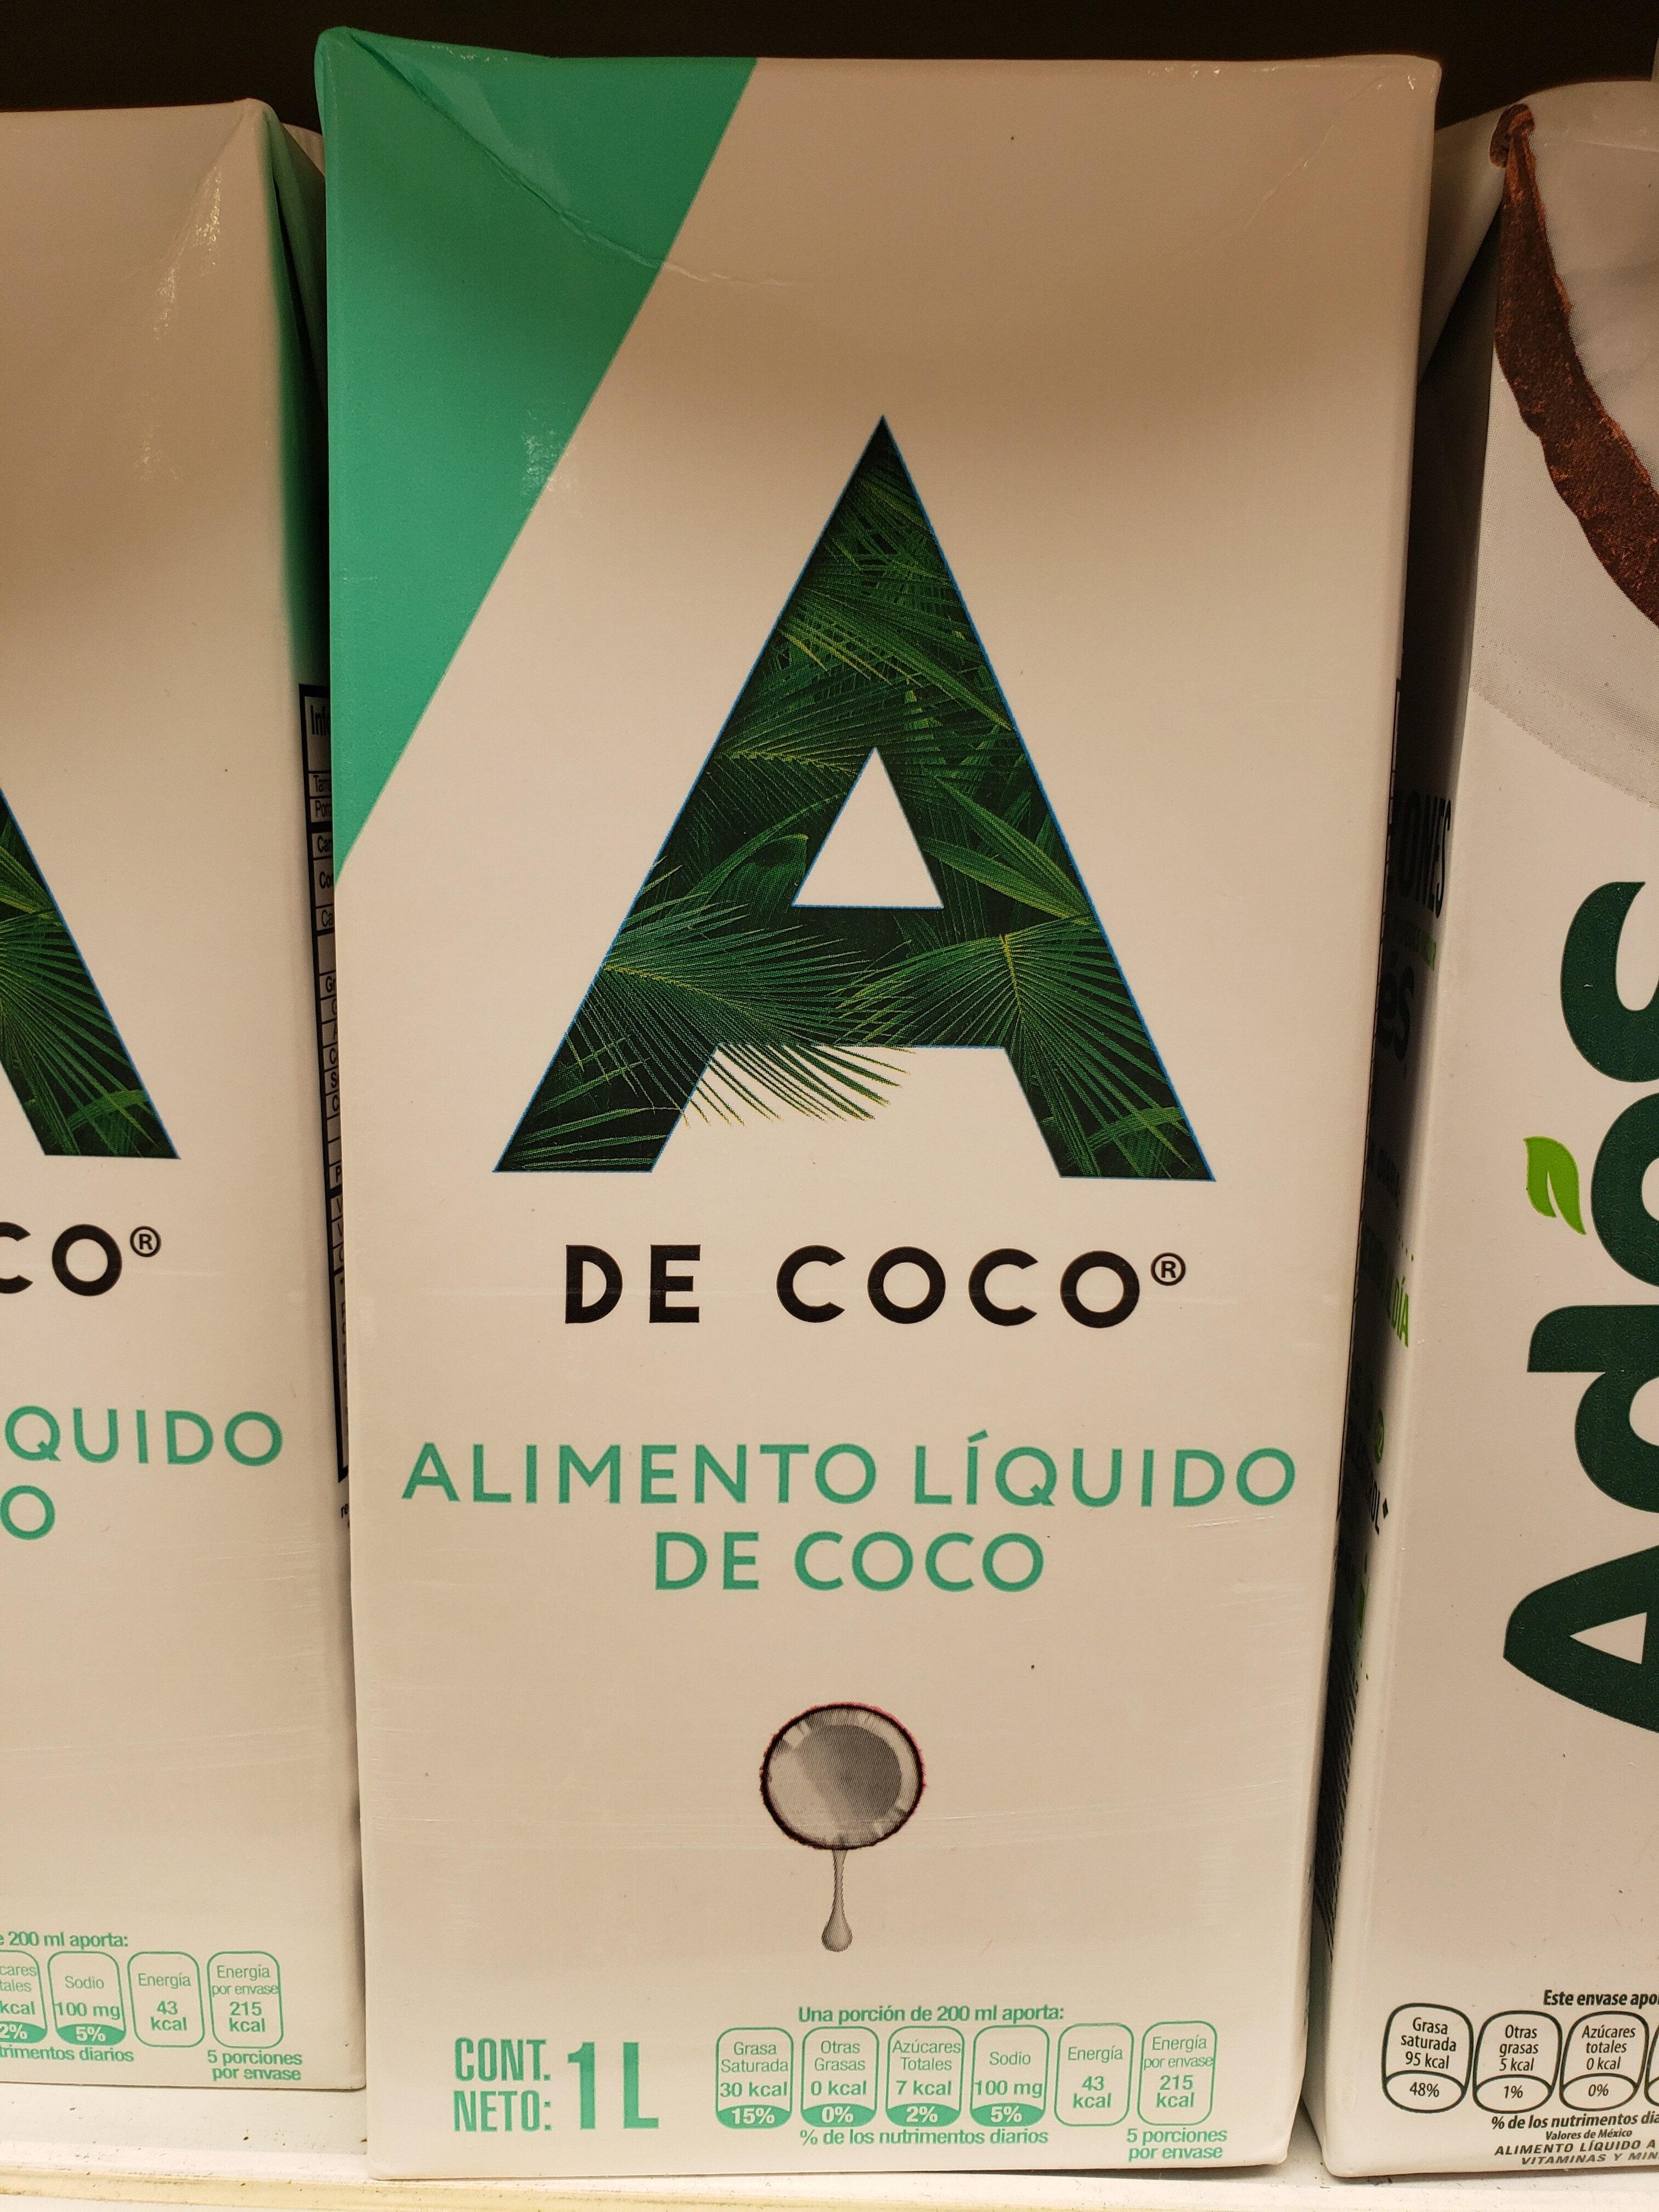 Alimento Líquido de Coco - Product - en